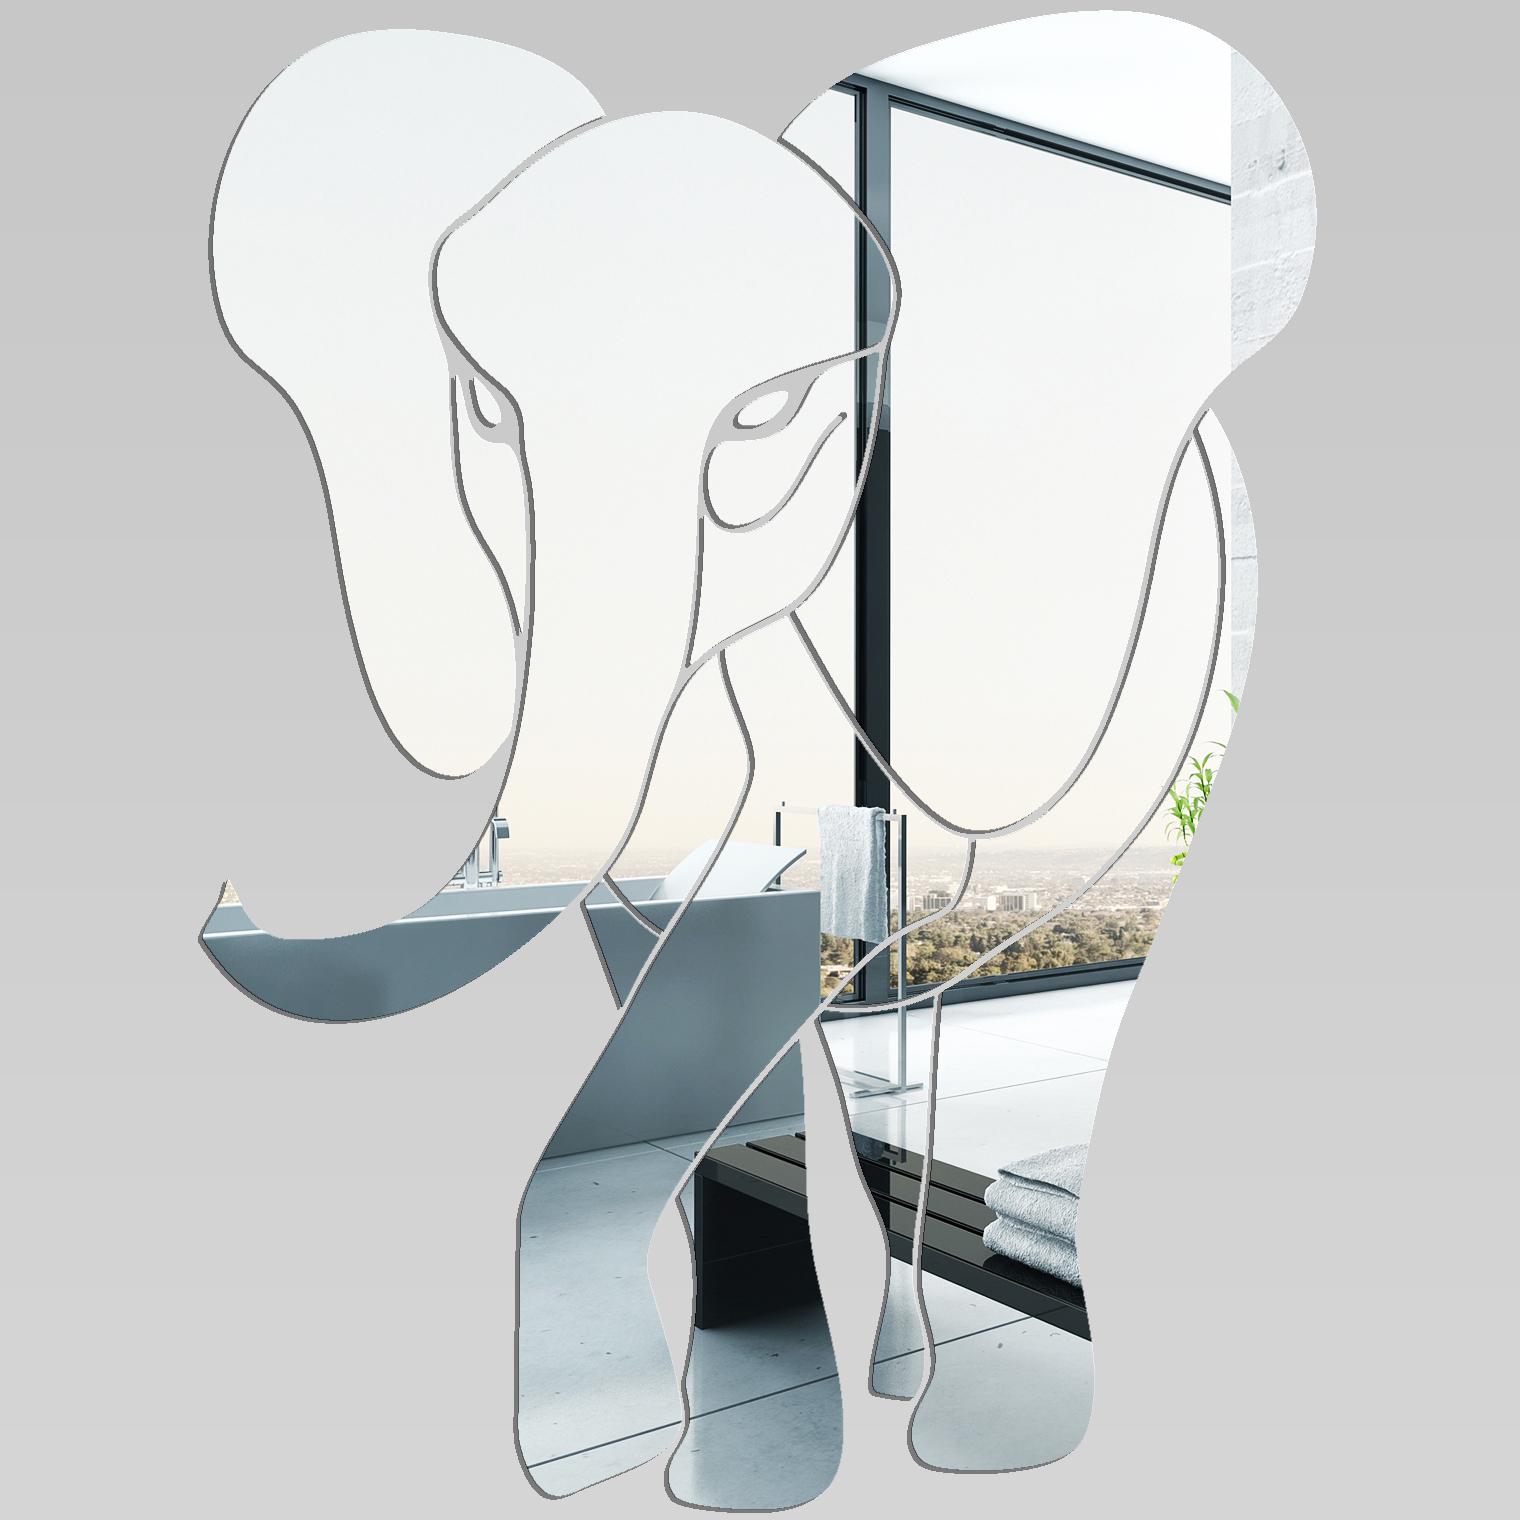 Adesivi follia specchio acrilico plexiglass elefante - Plexiglass a specchio ...